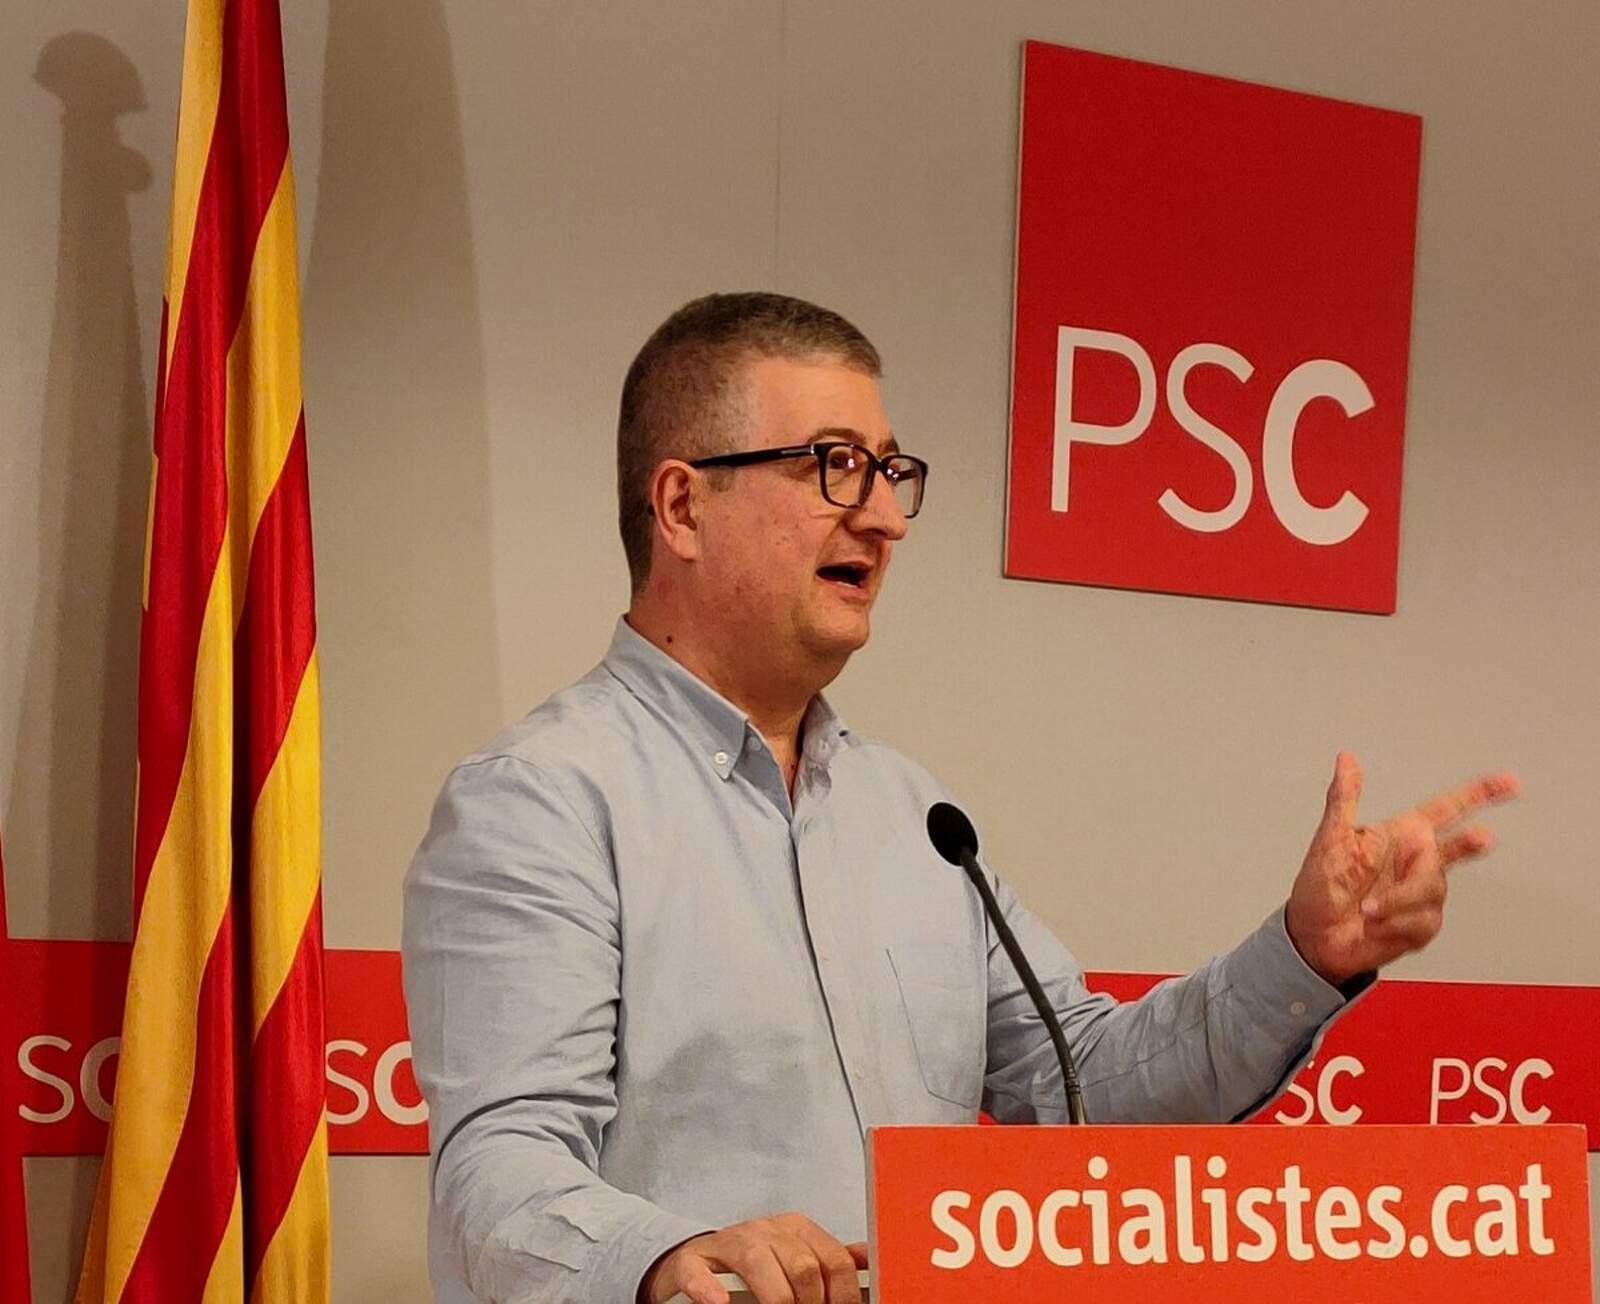 El candidat a primer secretari del PSC Txetxu Sanz